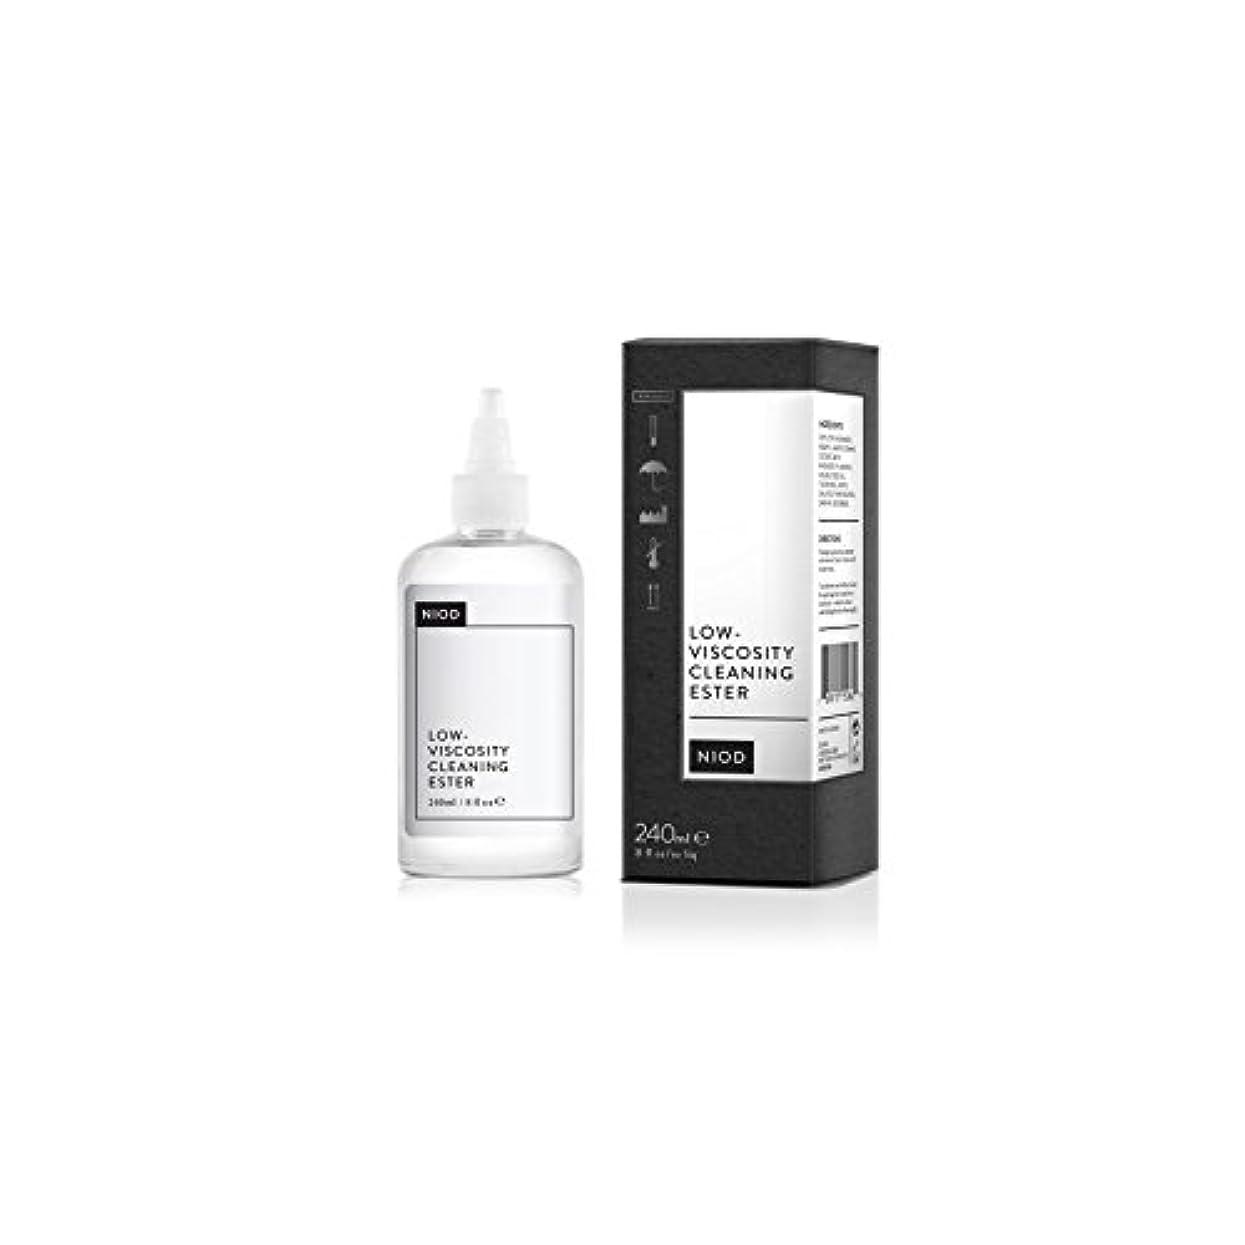 うがいディーラー介入する低粘度のクリーニングエステル(240ミリリットル) x2 - Niod Low-Viscosity Cleaning Ester (240ml) (Pack of 2) [並行輸入品]